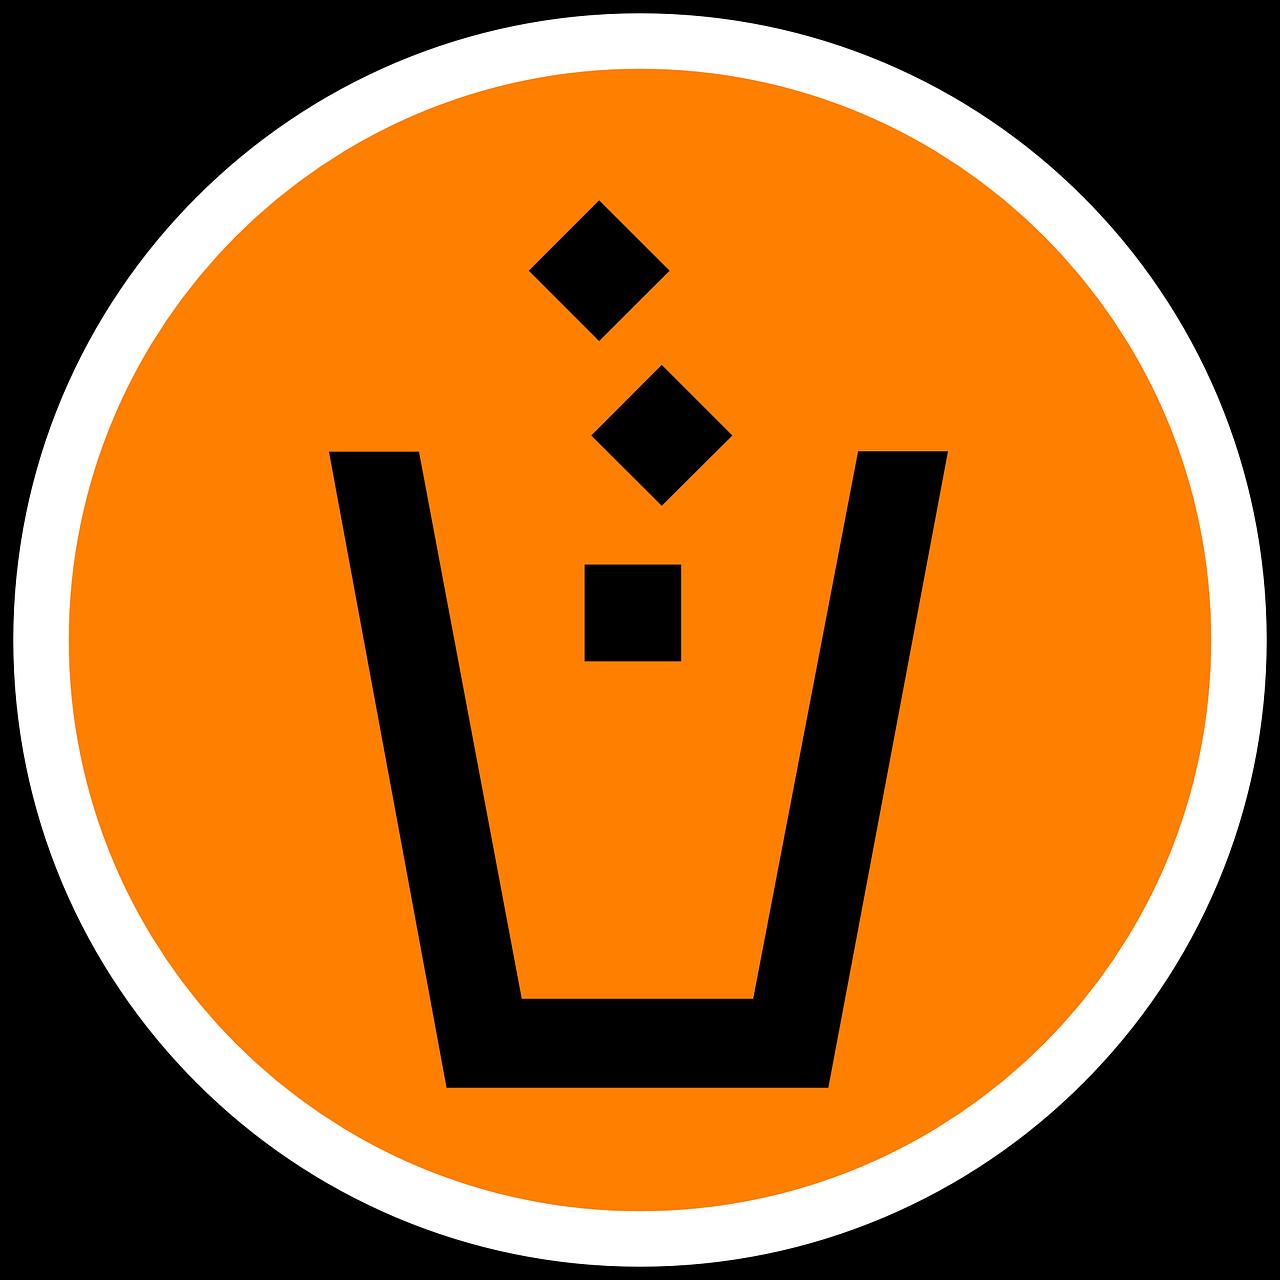 Cuentas Soundcloud Pro o cómo tirar tu dinero a la basura